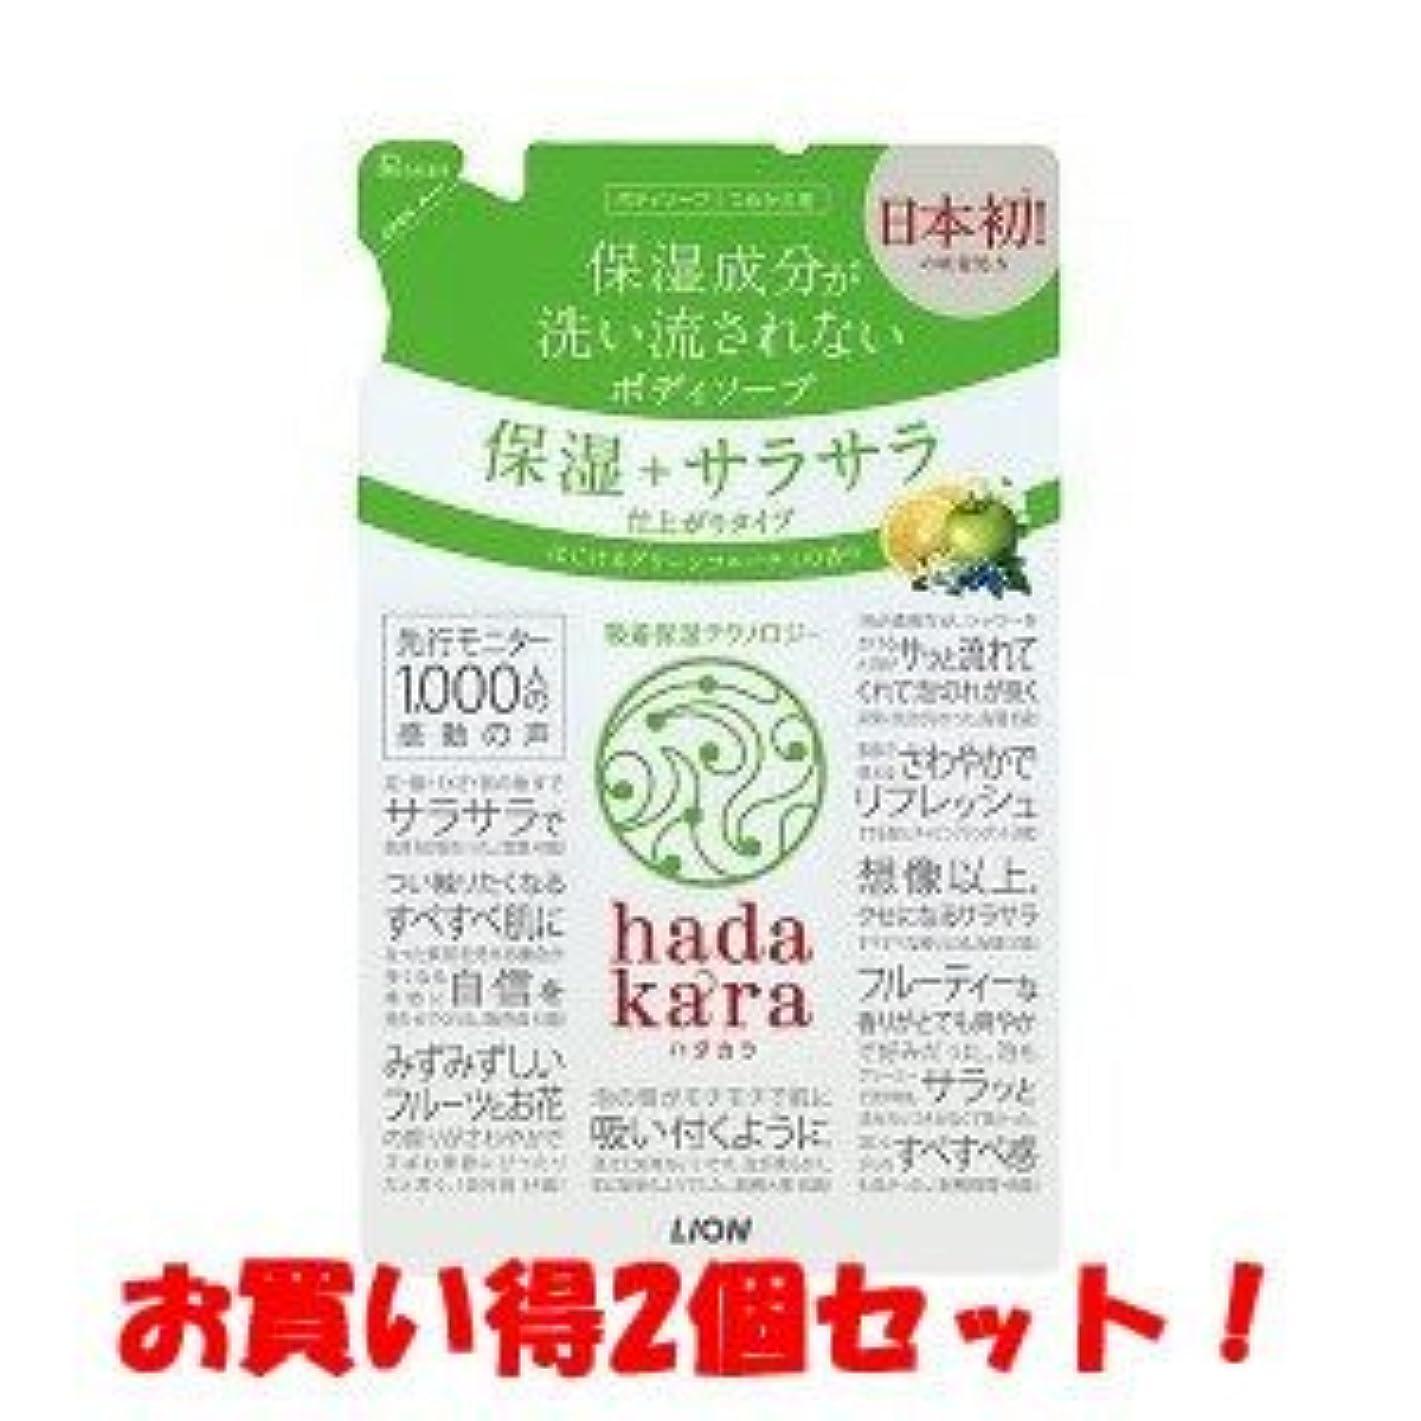 ジェムに頼る関連付ける(2017年新商品)(ライオン)hadakara(ハダカラ) ボディソープ 保湿+サラサラ仕上がりタイプ グリーンフルーティの香り つめかえ用 340ml(お買い得2個セット)